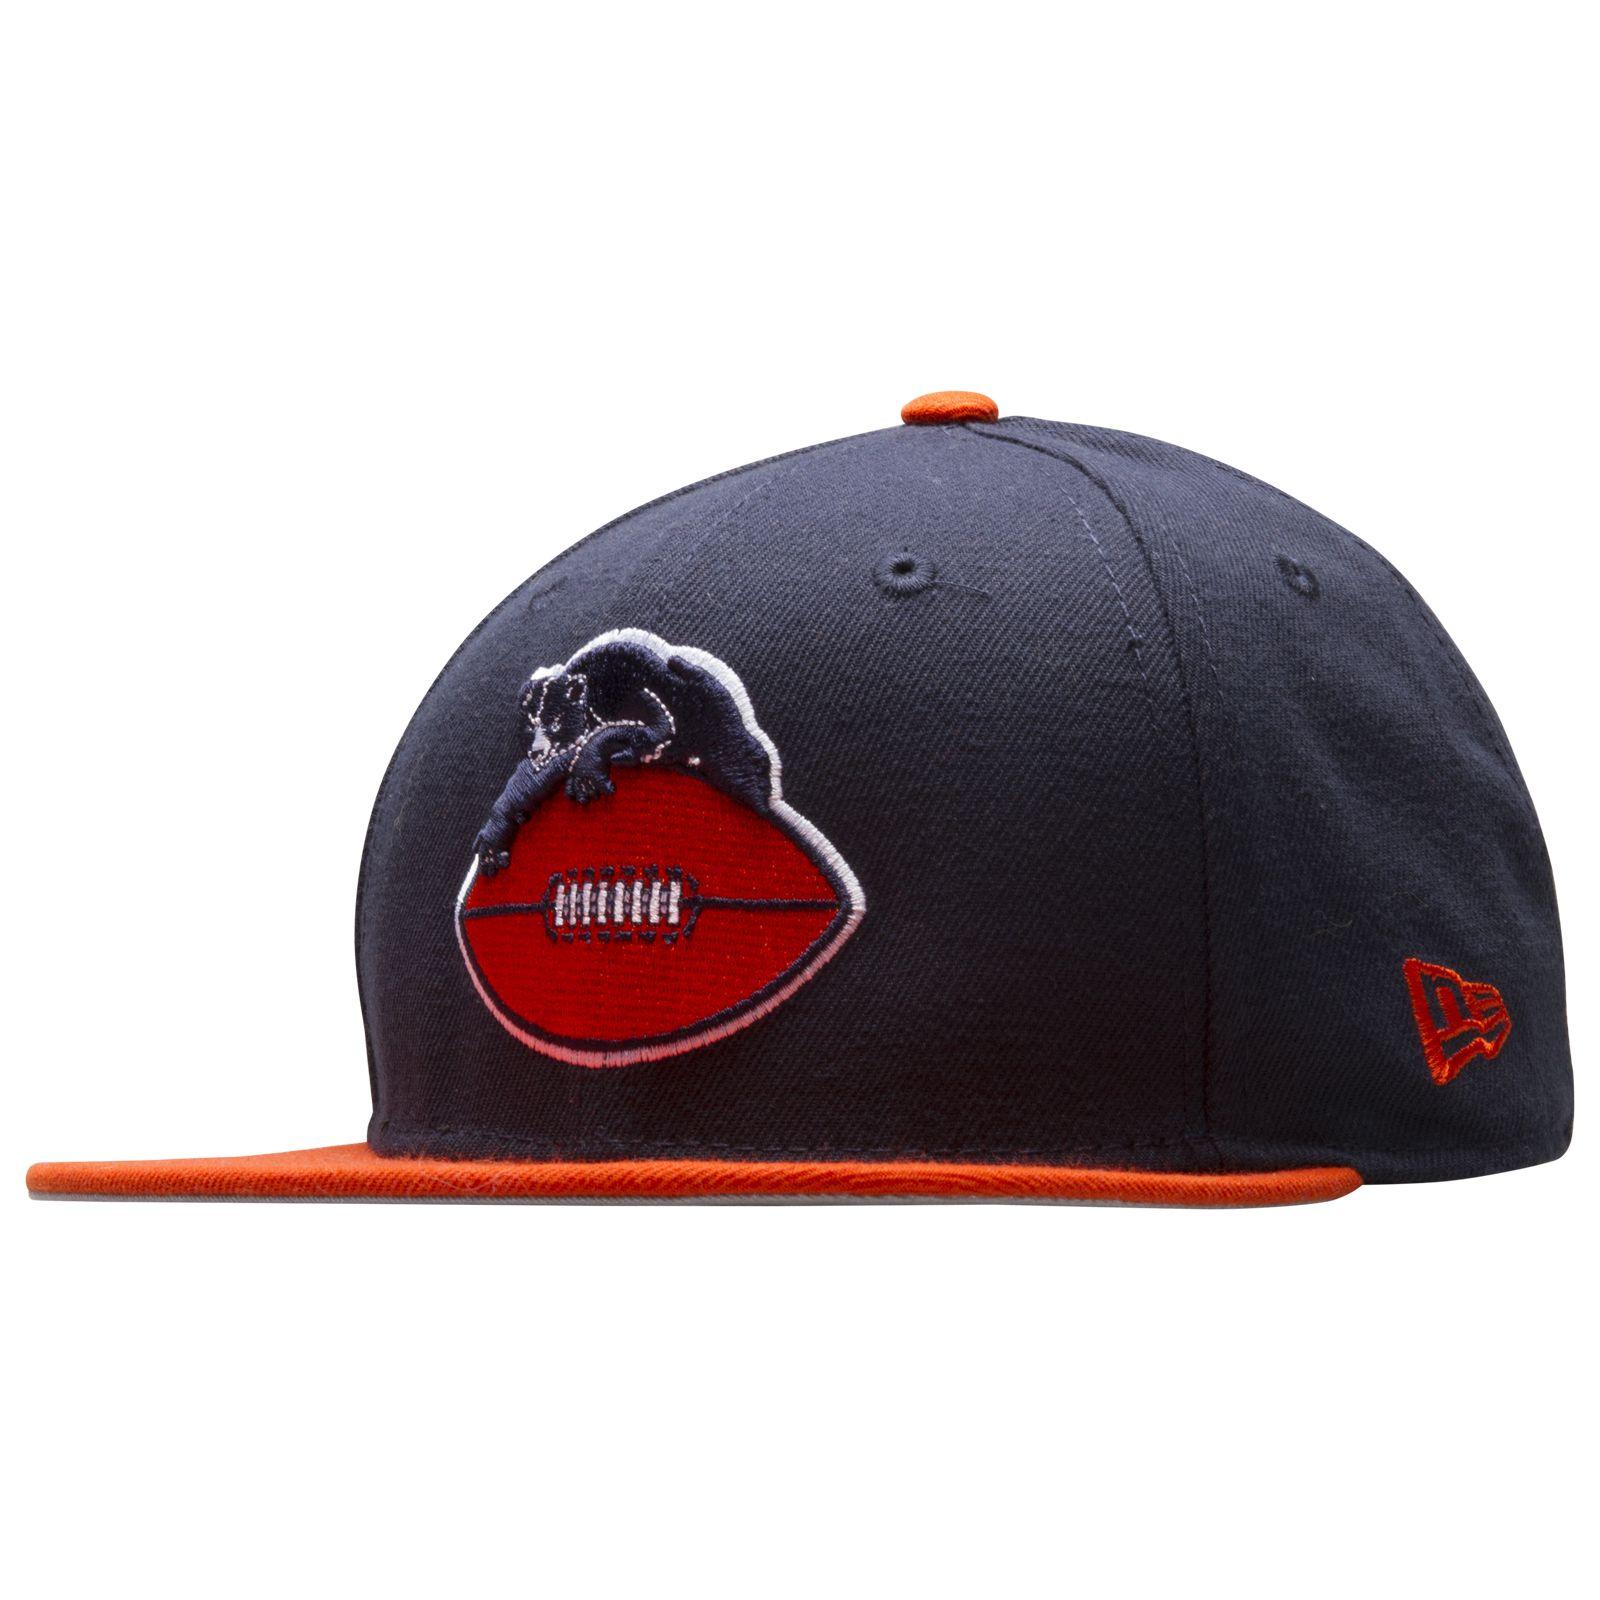 43ebd80b Chicago Bears Navy and Orange Retro Bear on Football Logo Snapback ...